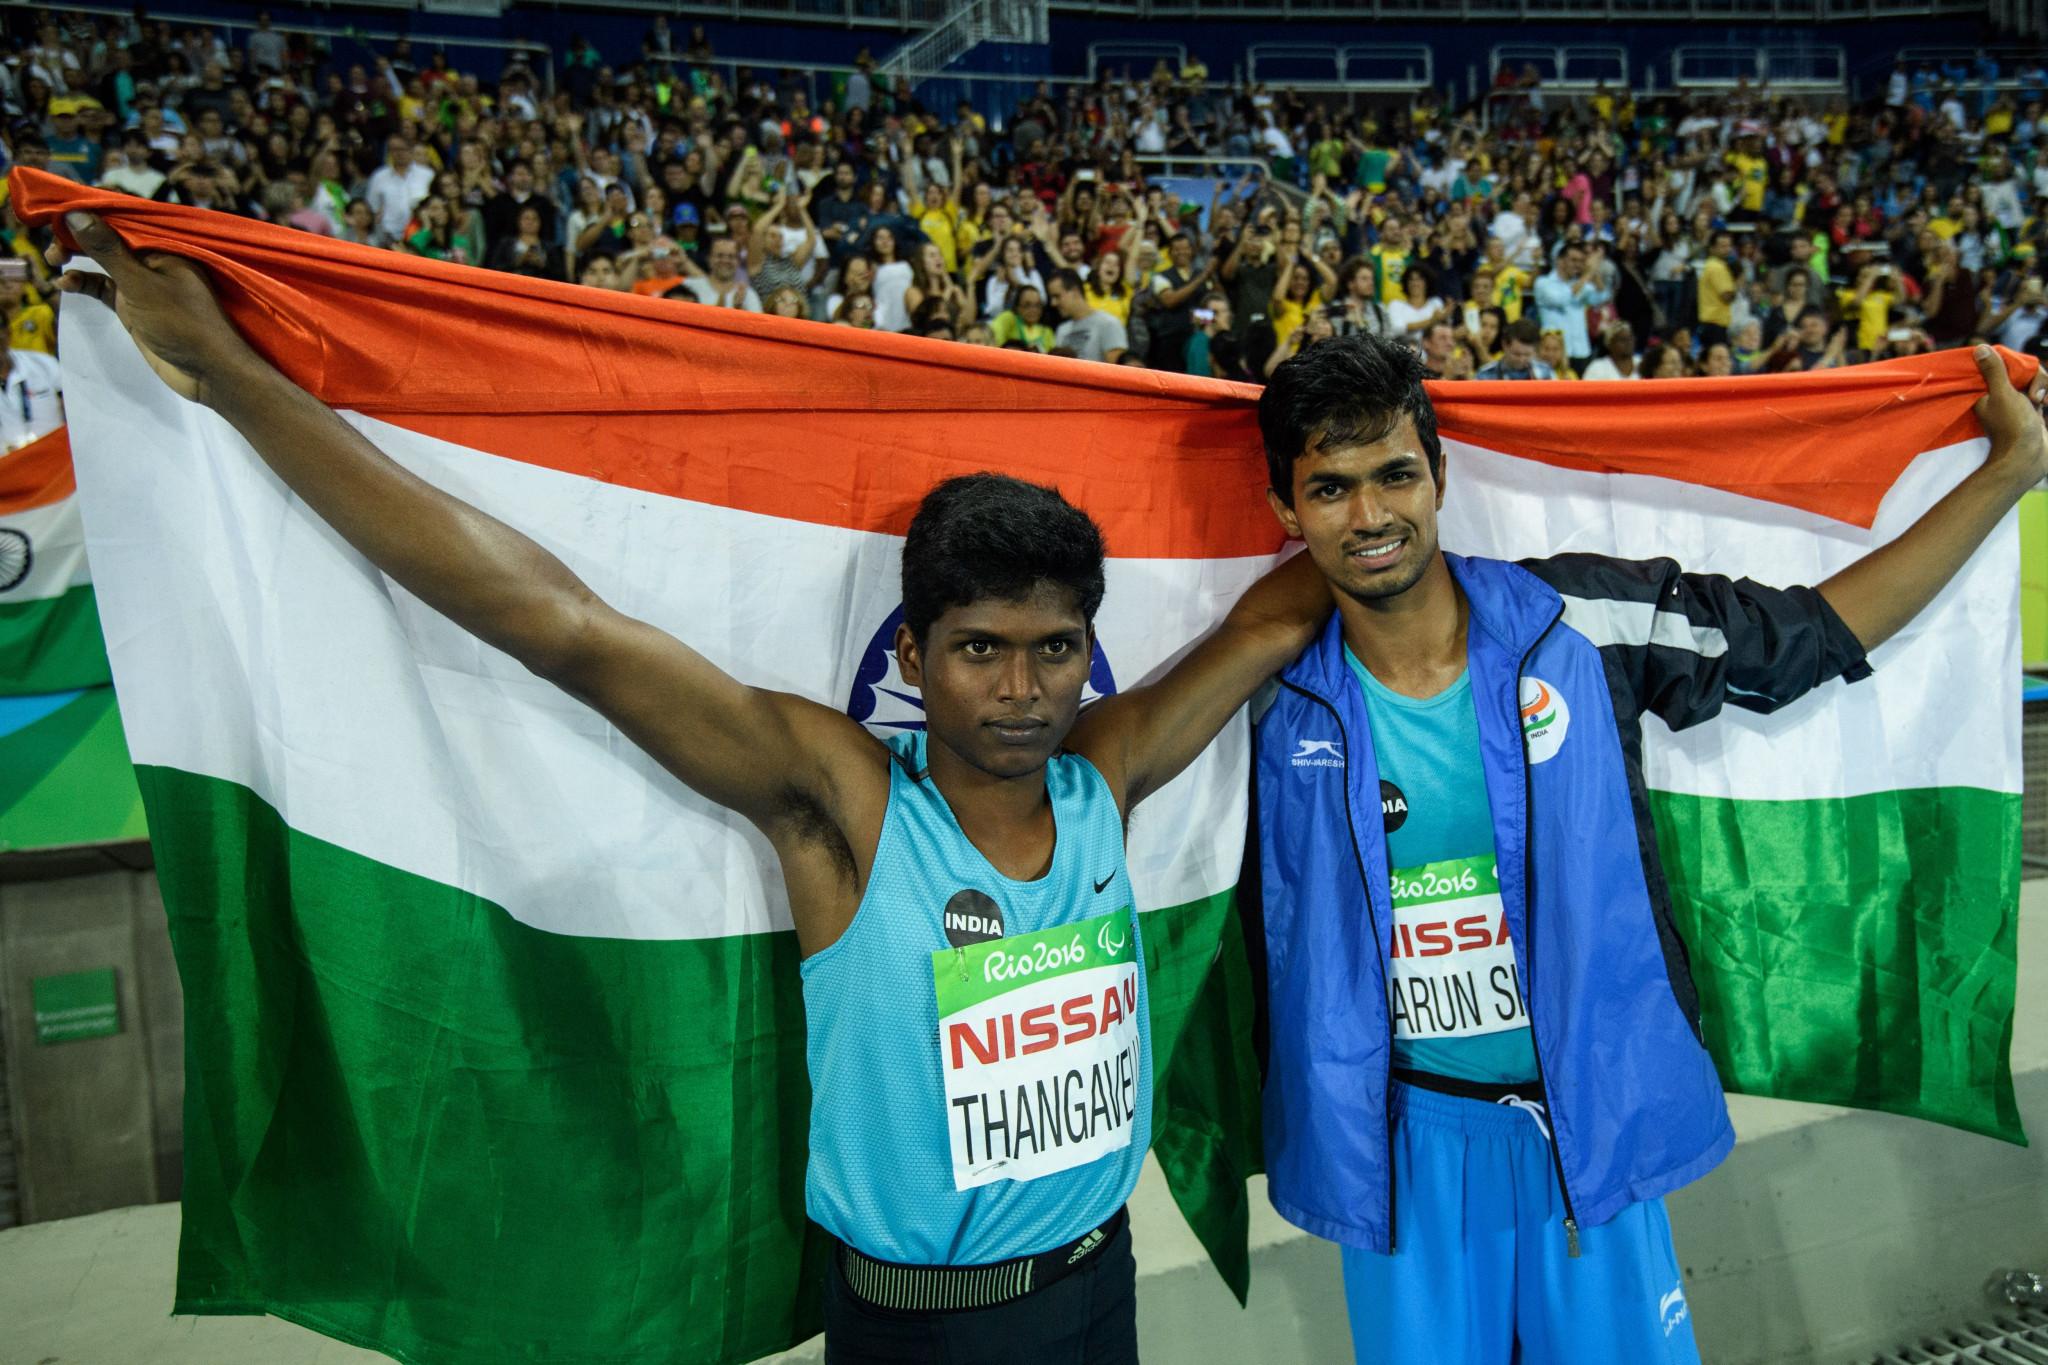 Gobierno de la India vacunará a todos los atletas con destino a Tokio 2020